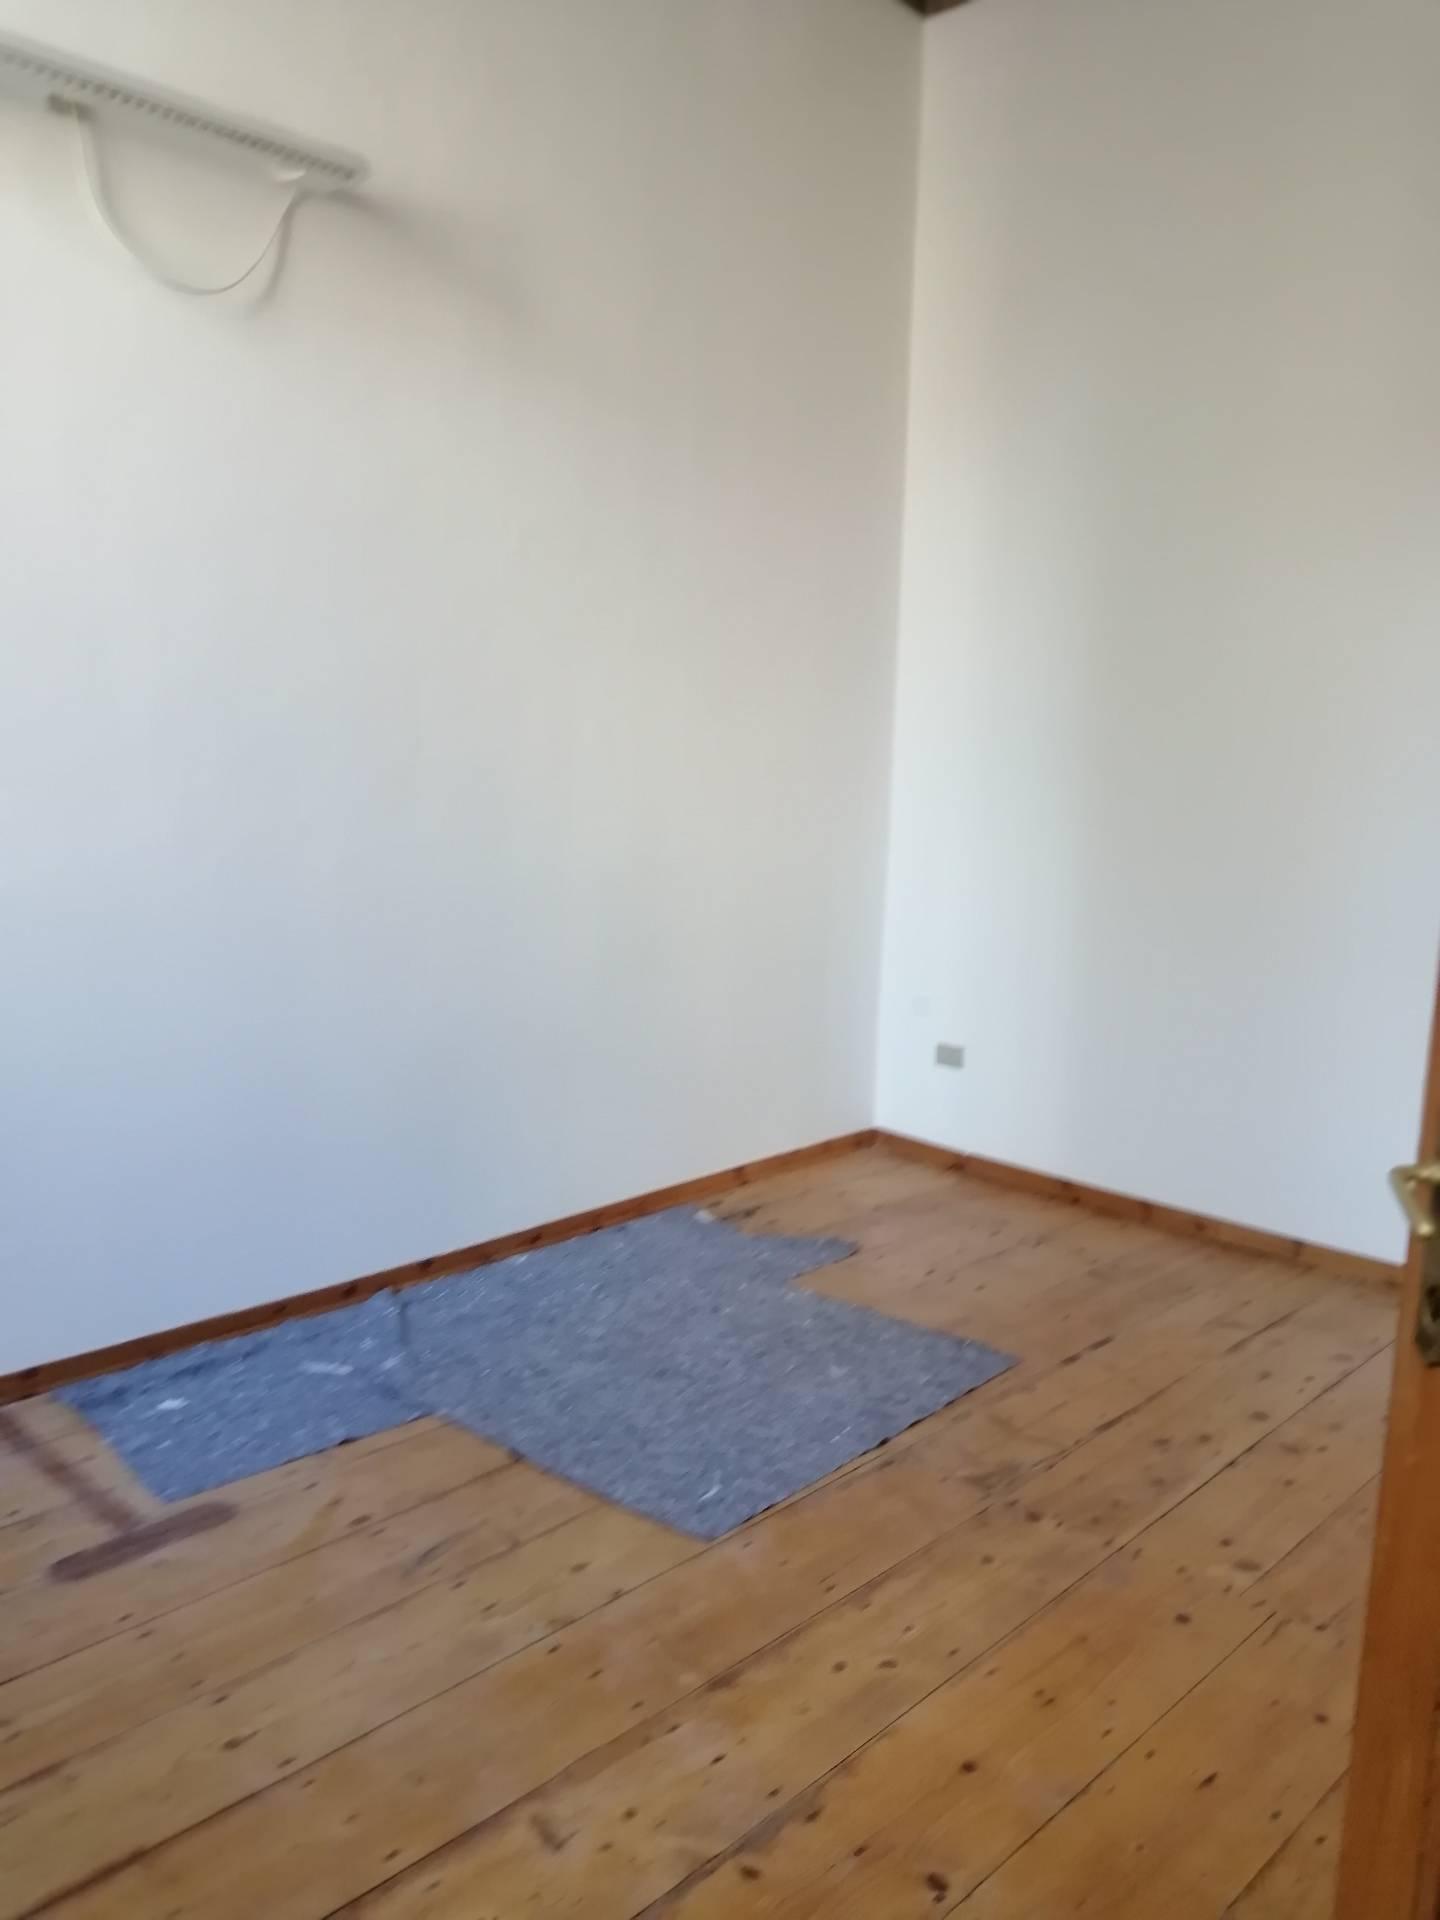 Ufficio / Studio in affitto a Faenza, 9999 locali, prezzo € 500   CambioCasa.it